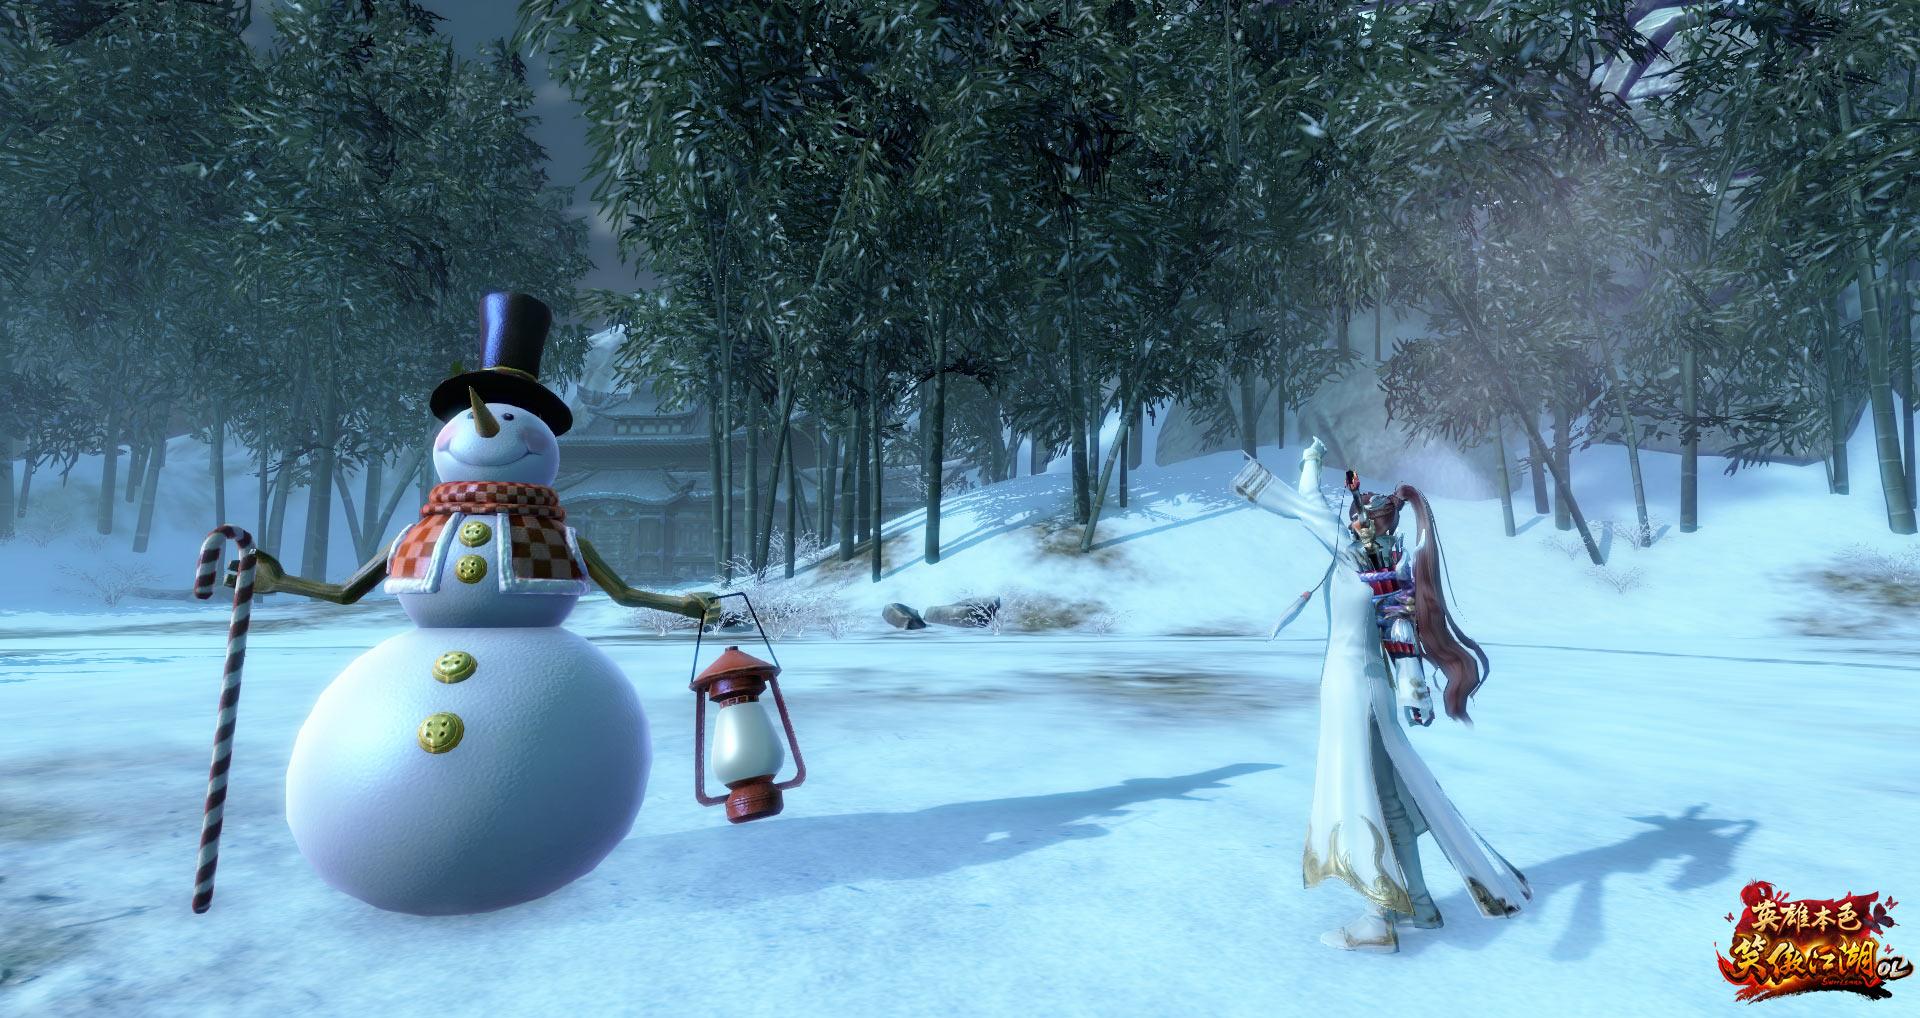 图片: 图14-打雪仗.jpg